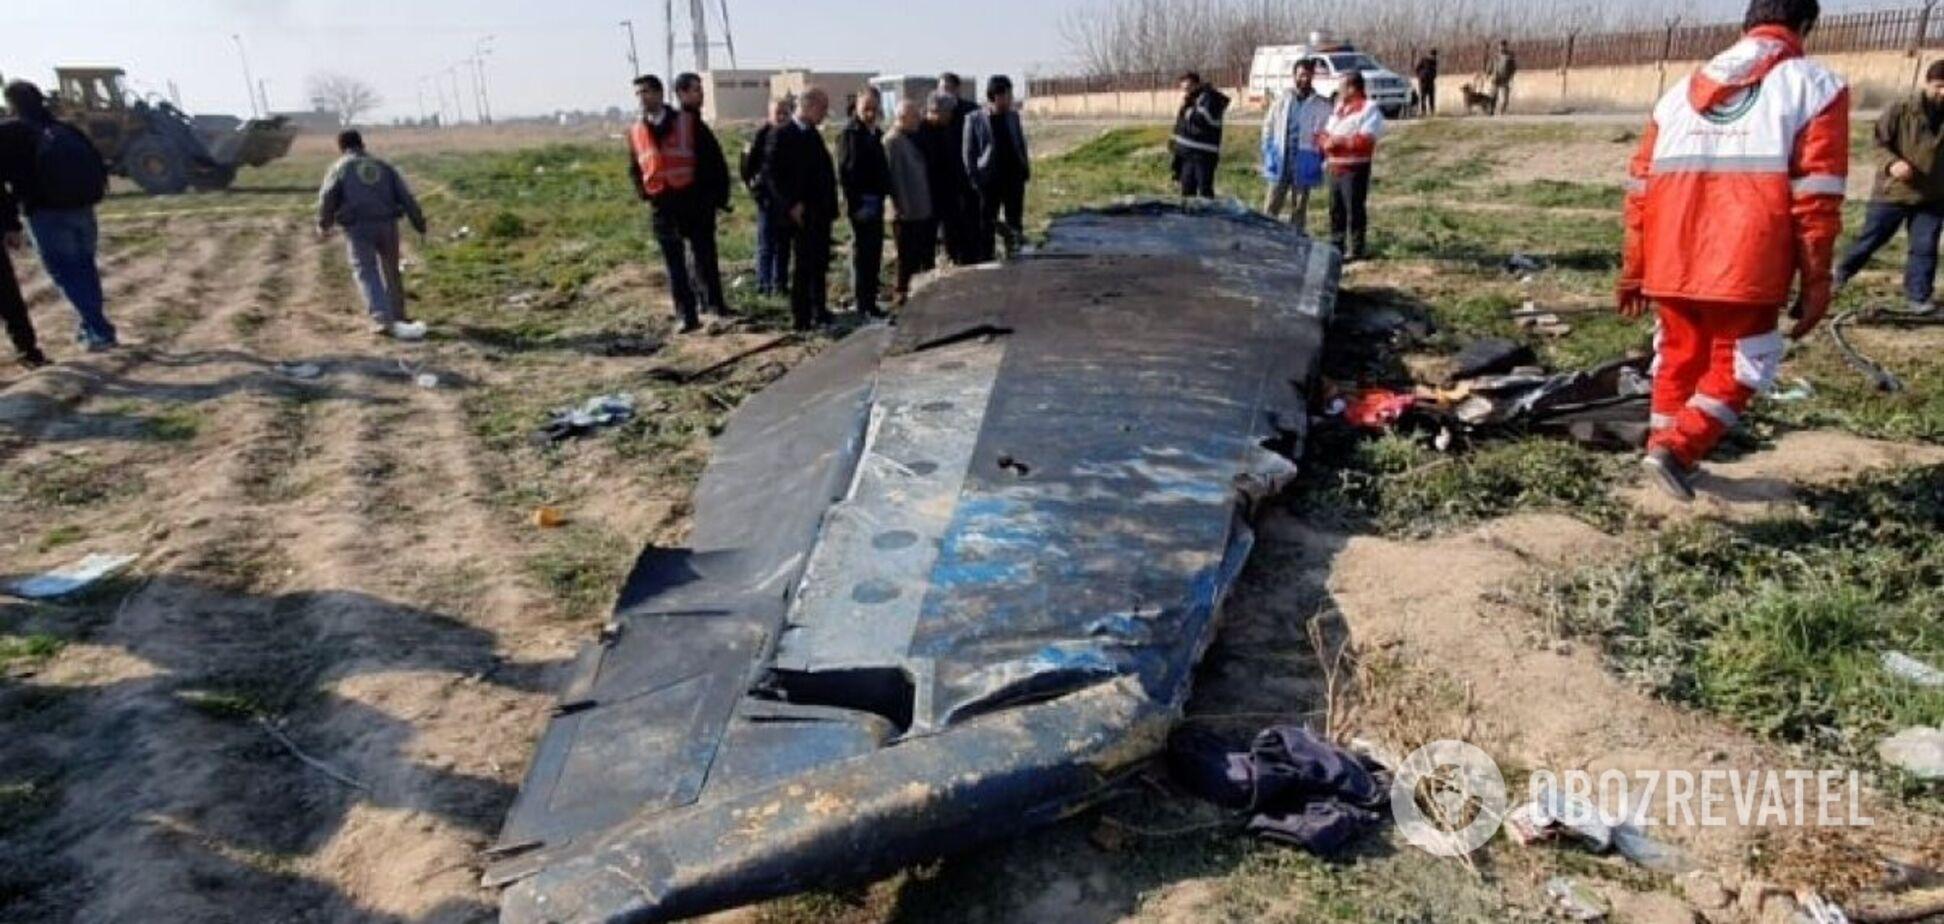 Влада Ірану несе повну відповідальність за збиття літака МАУ: Канада та Україна оголосили про свою позицію